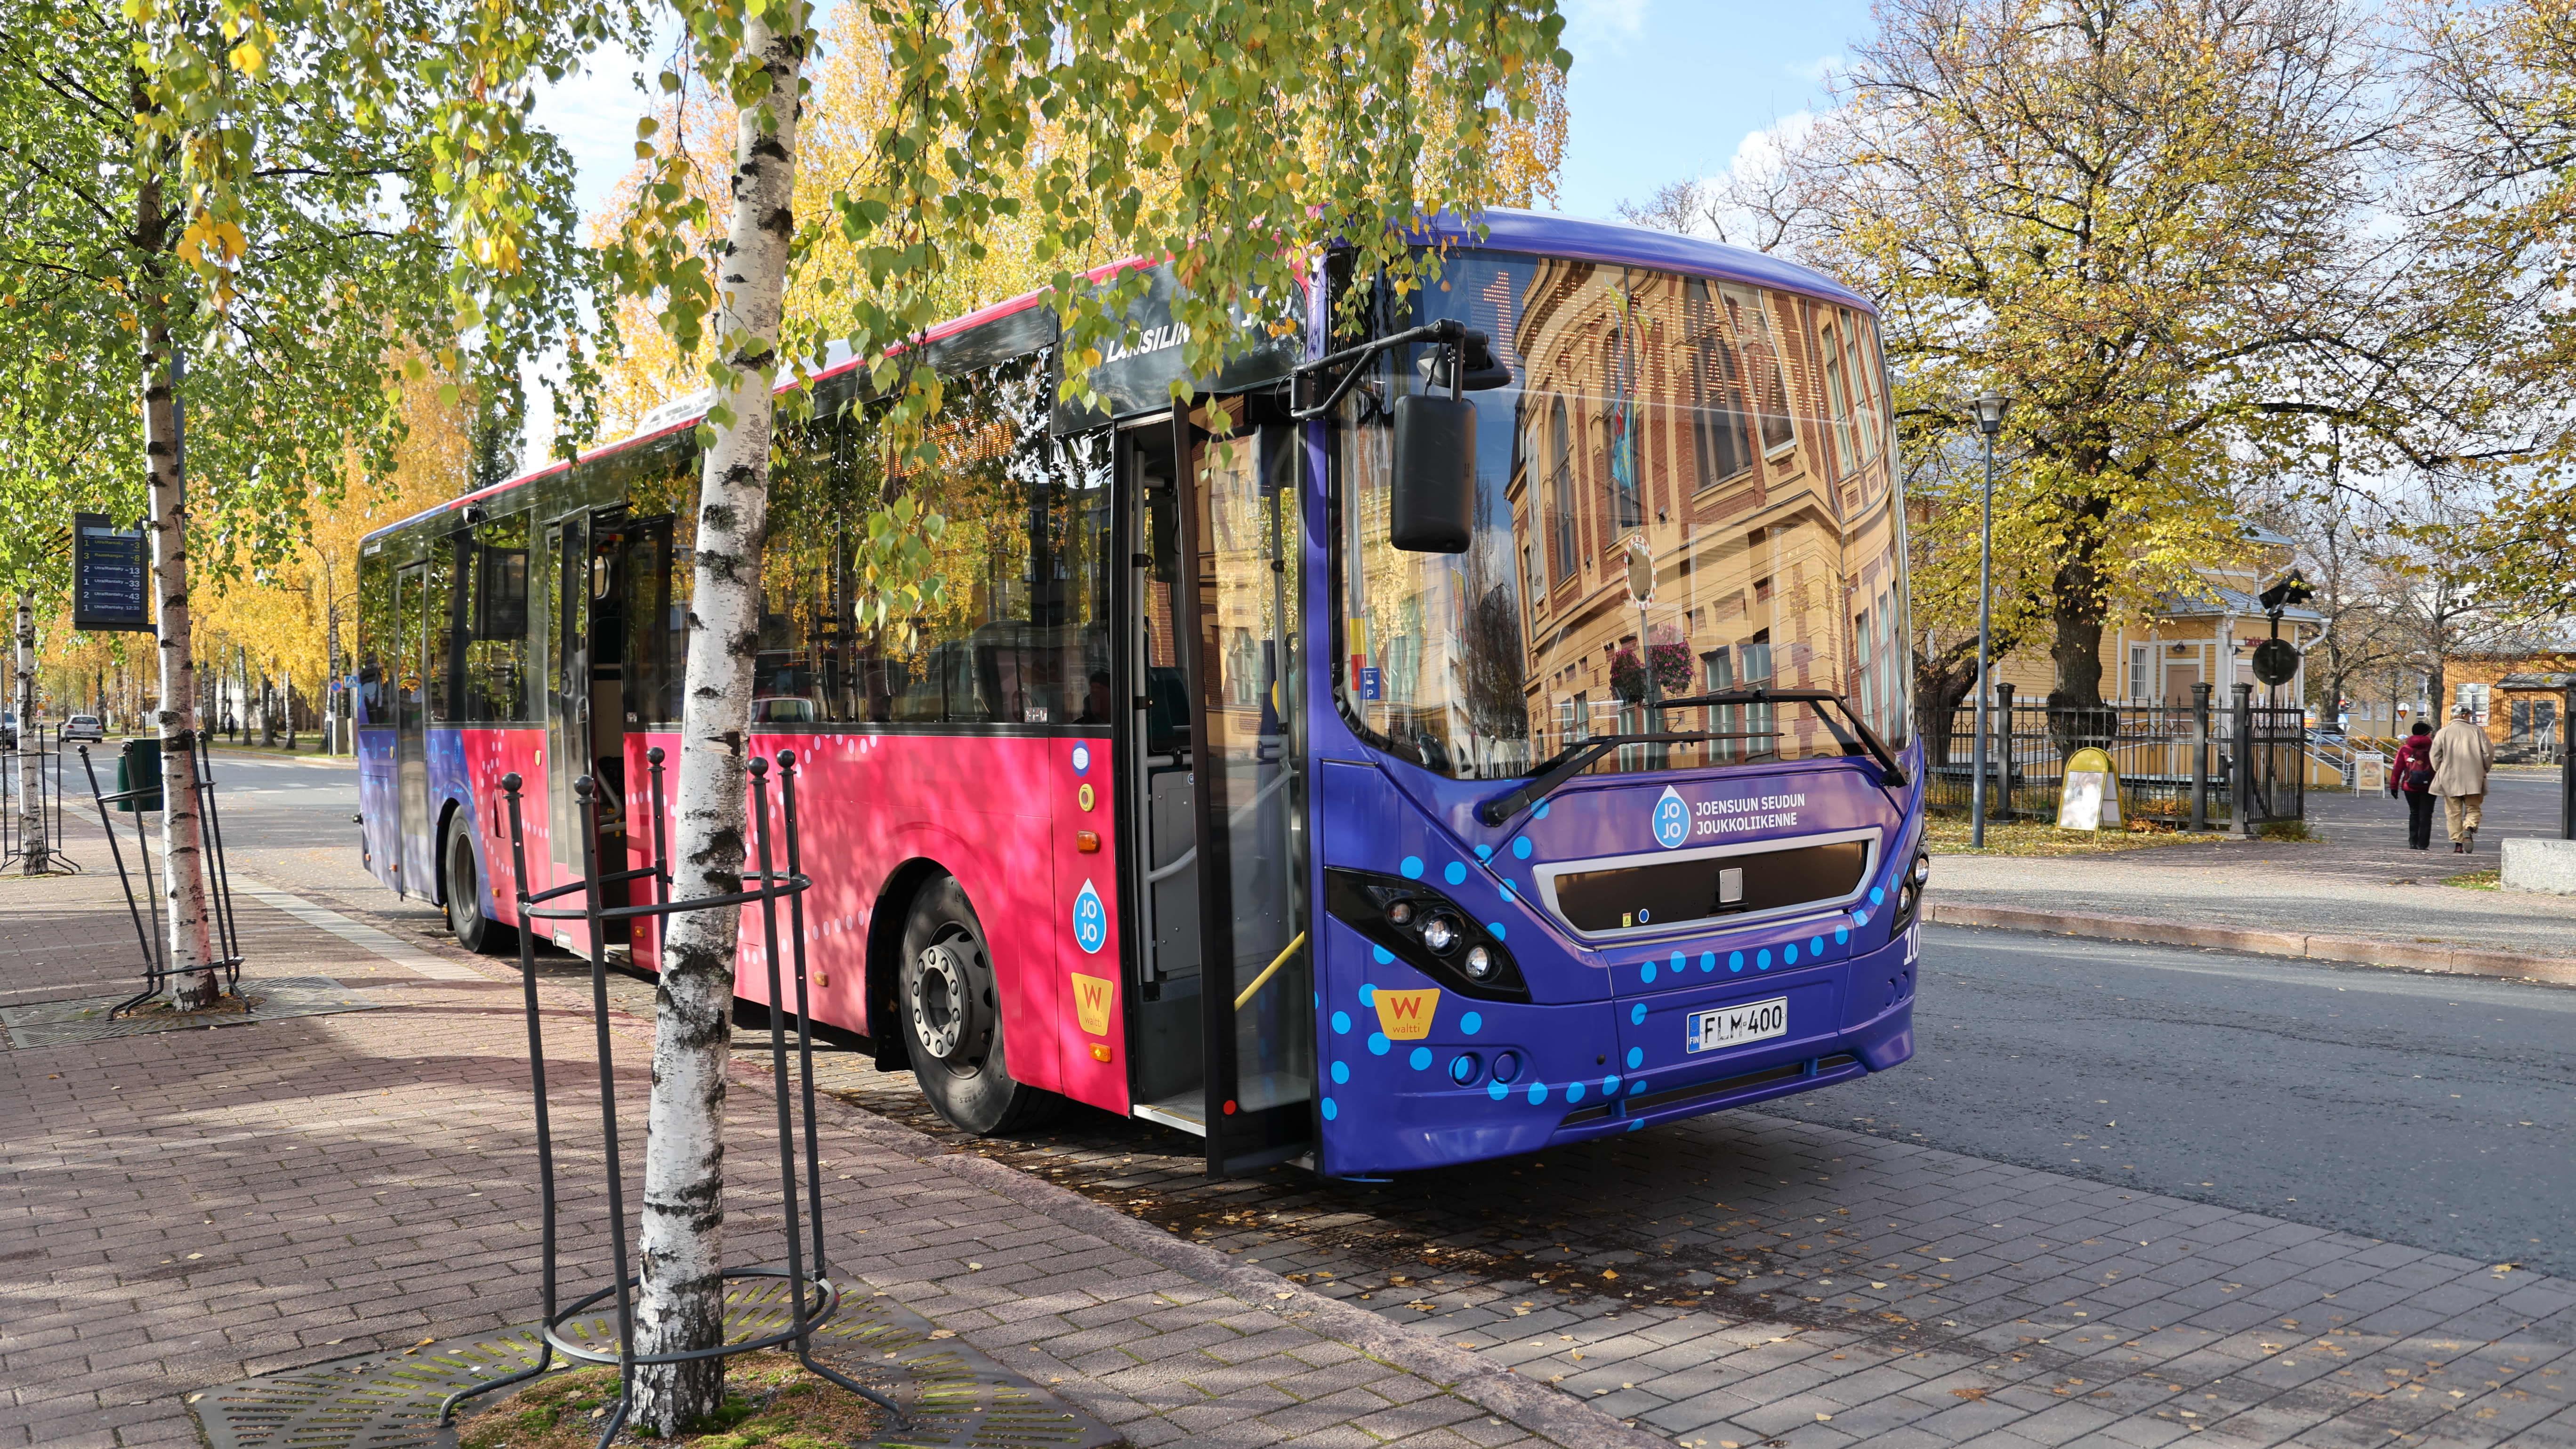 Paikallisliikenteen bussi pysäkillä.